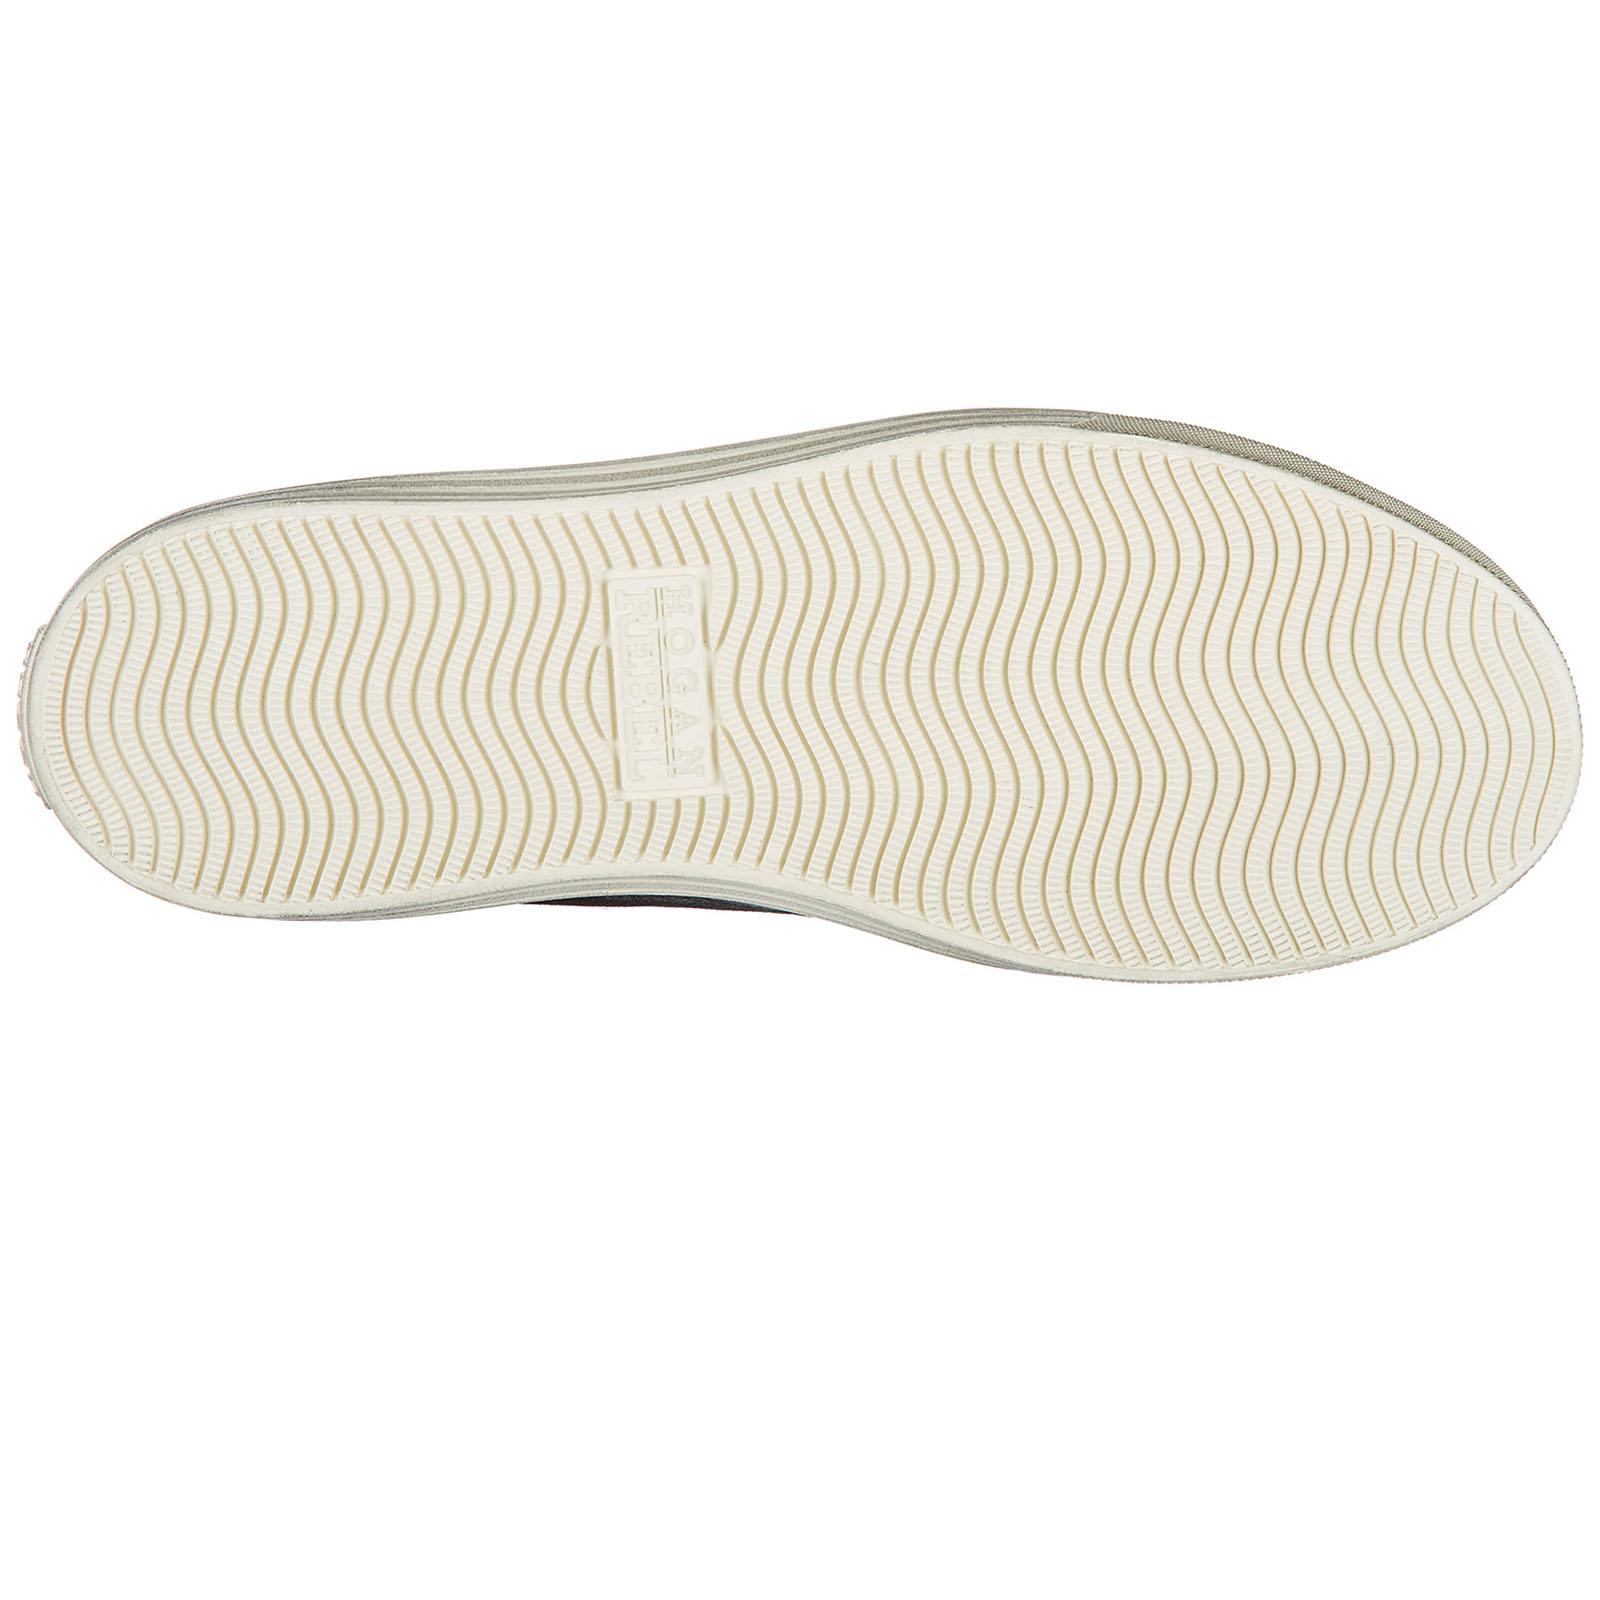 Precio De Fábrica Venta Barata Mejor Lugar Hogan Rebel Scarpe Sneakers Alte Uomo in Camoscio Nuove 206 Polacco Marrone EU 40 HXM2060H5211ZB0AZL P8eqH